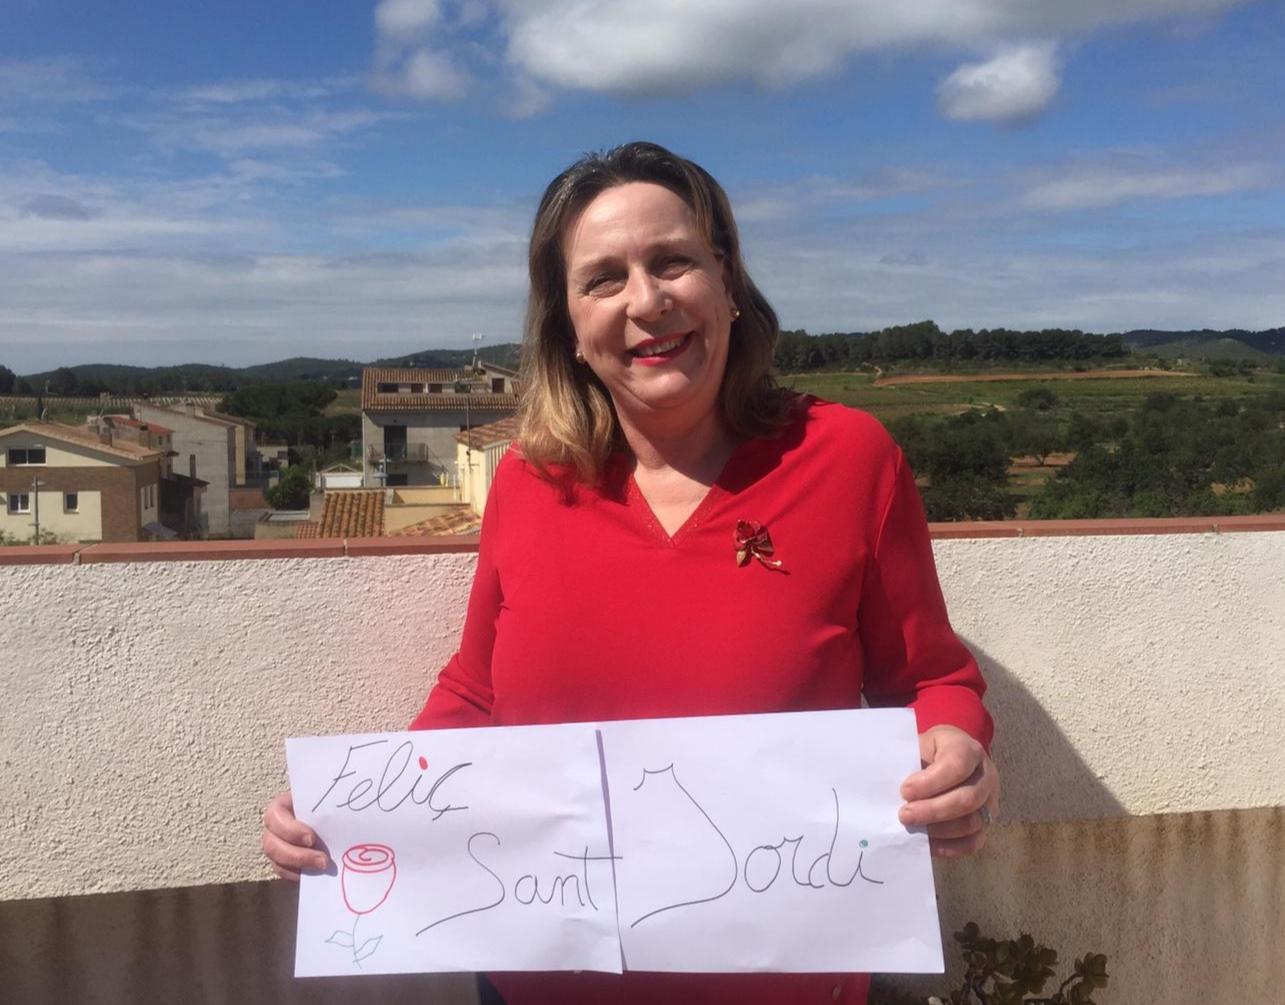 Comunicat de la regidora de Cultura i veredicte del jurat del Concurs de #SantJordiConfinat